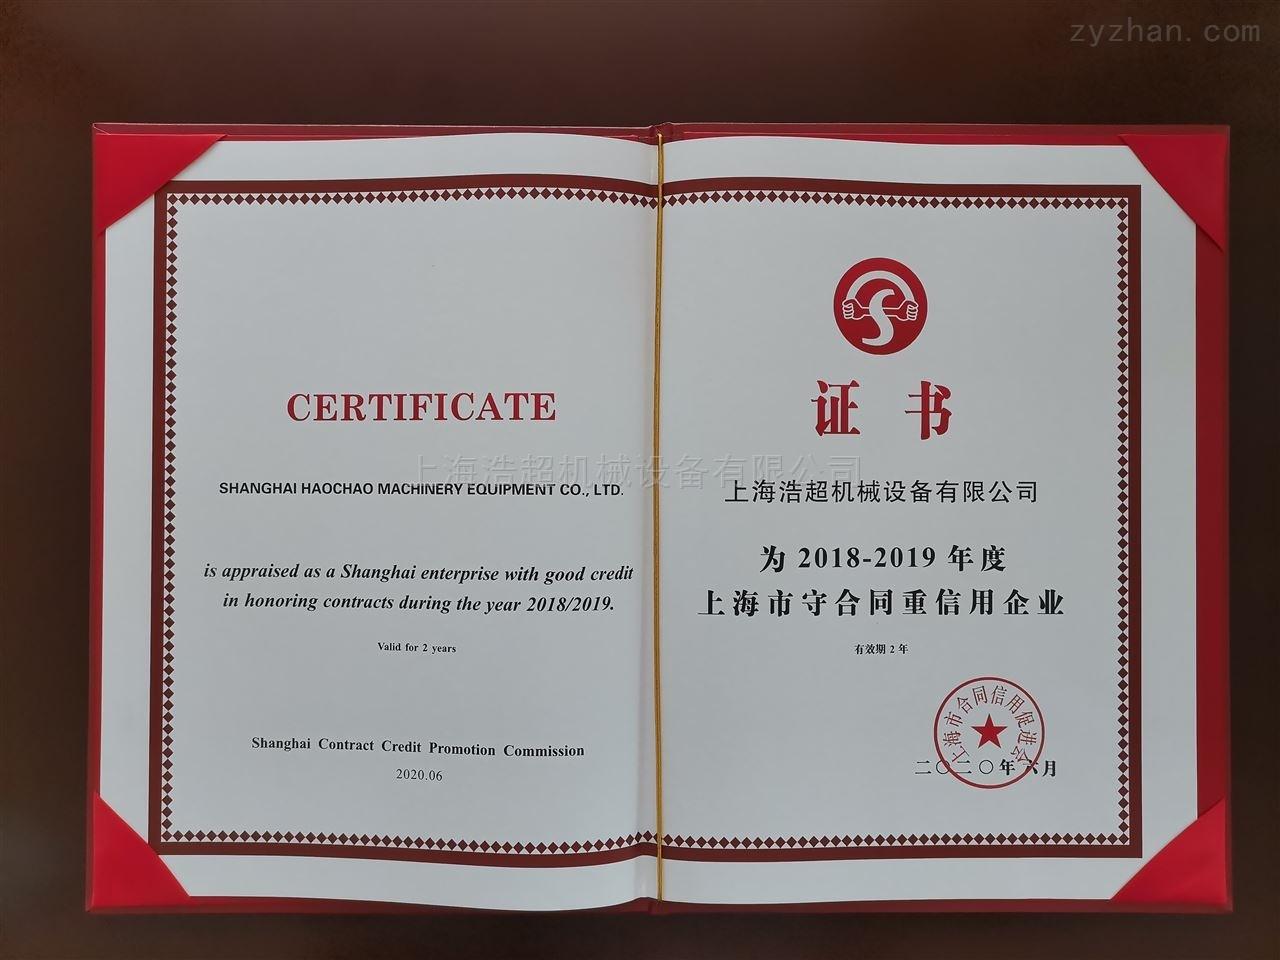 上海市守合同重信用企業